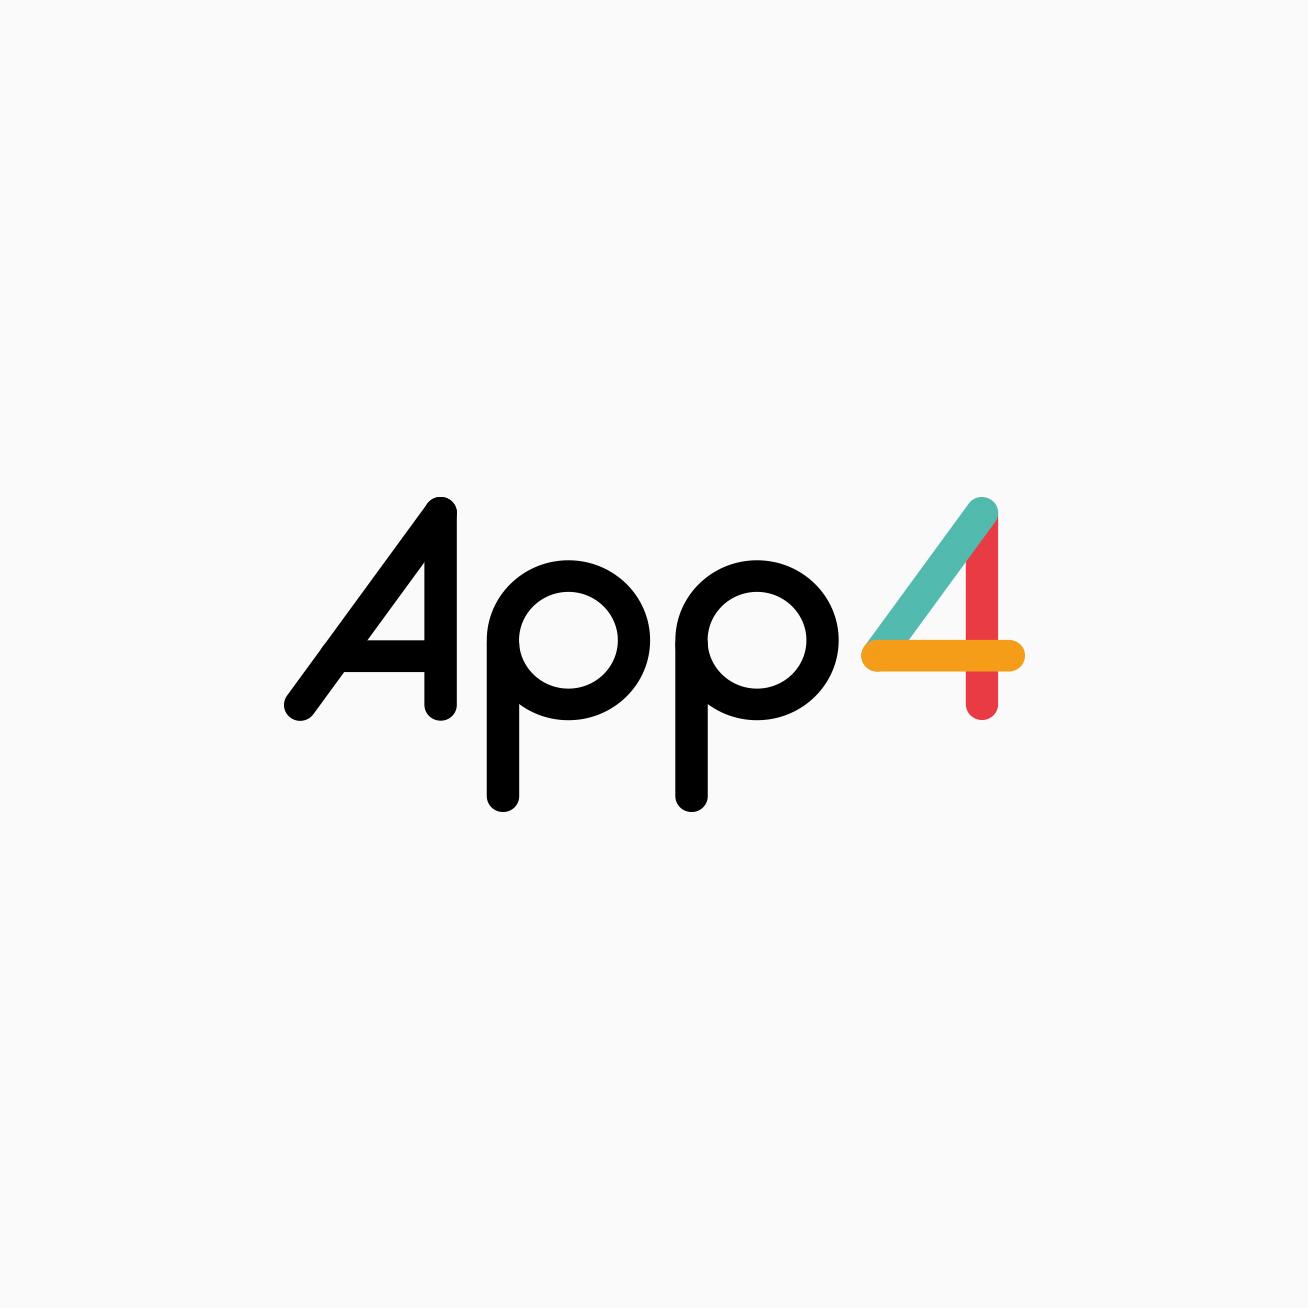 app4_small_img_01.jpg